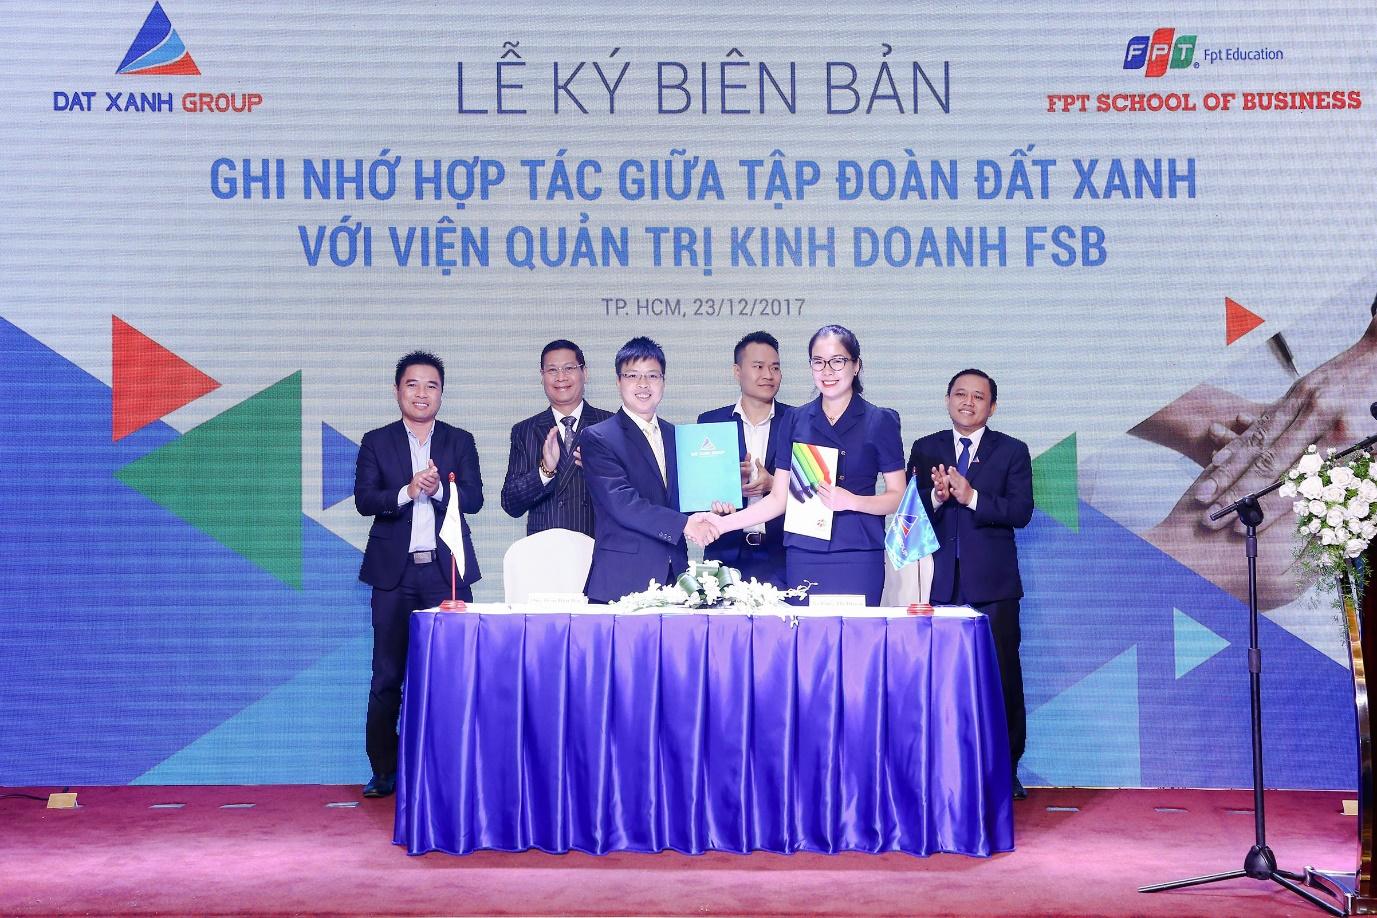 Đất Xanh 'bắt tay' FPT đào tạo tài năng trẻ